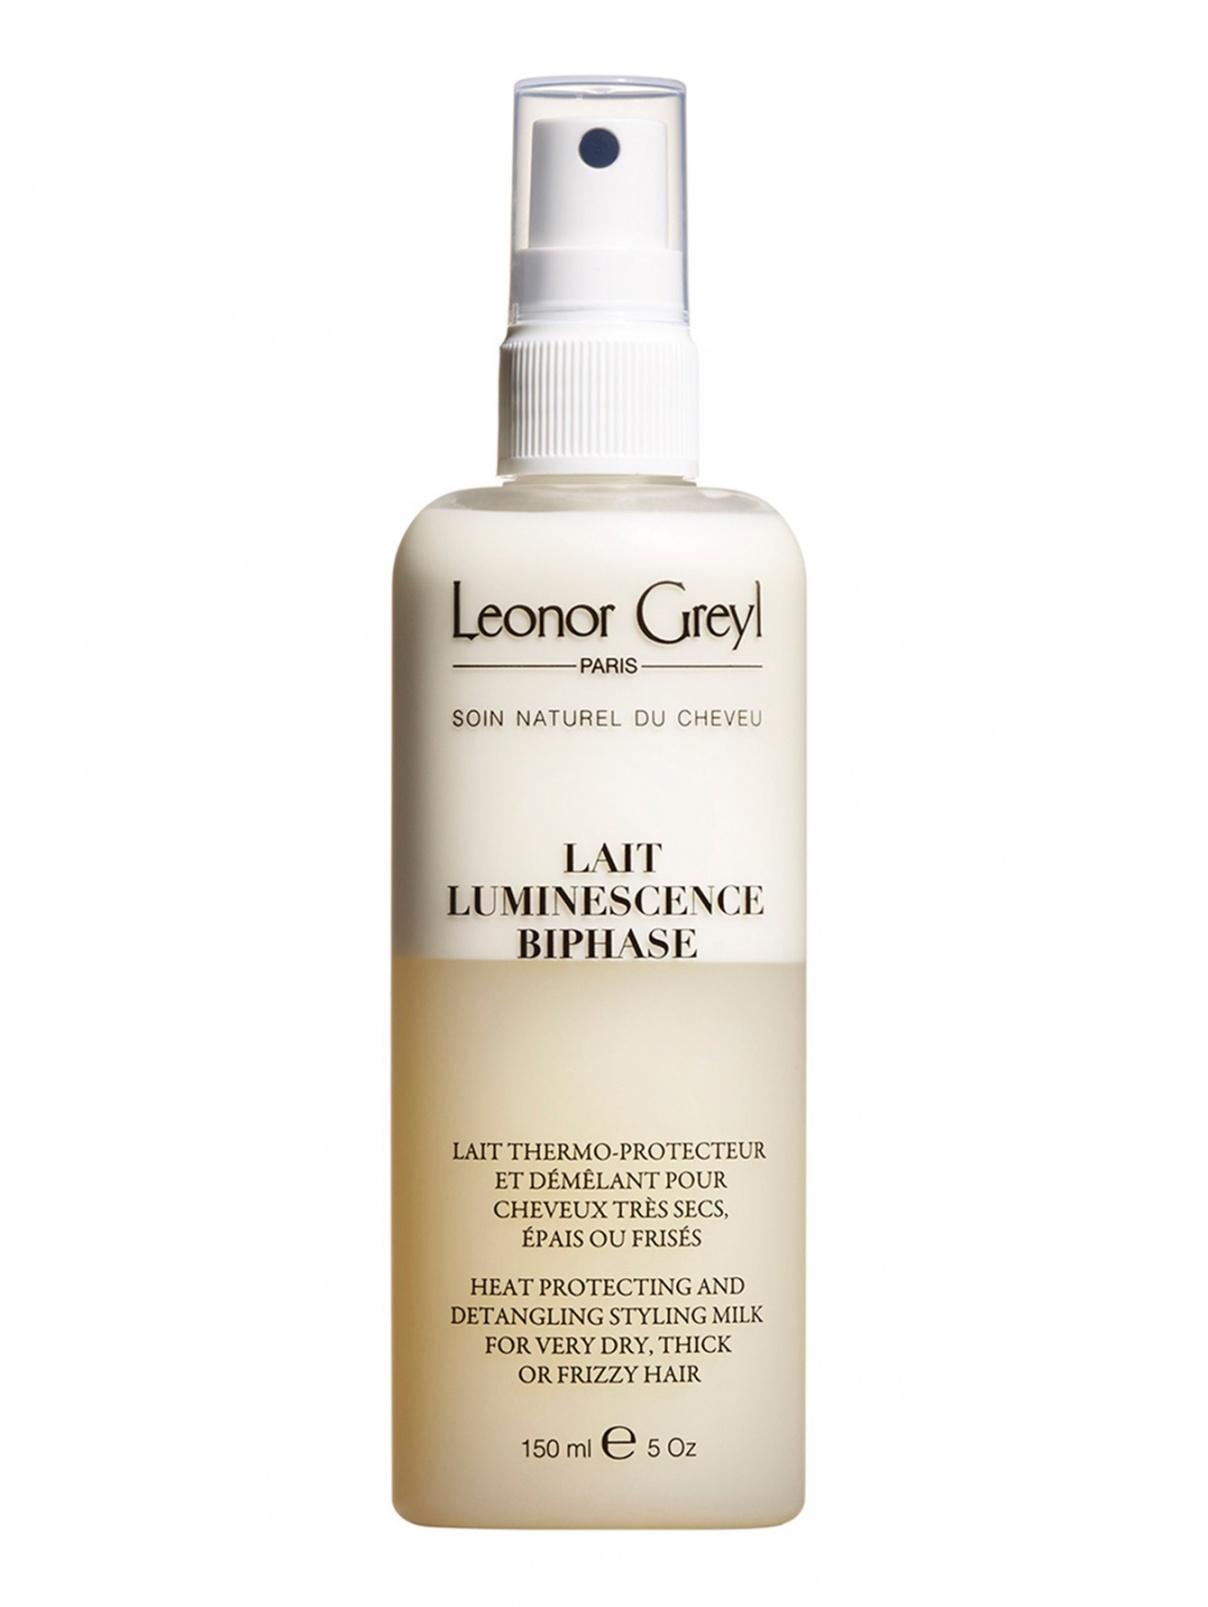 Молочко «Сияние и блеск» для укладки - Hair Care, 150ml Leonor Greyl  –  Общий вид